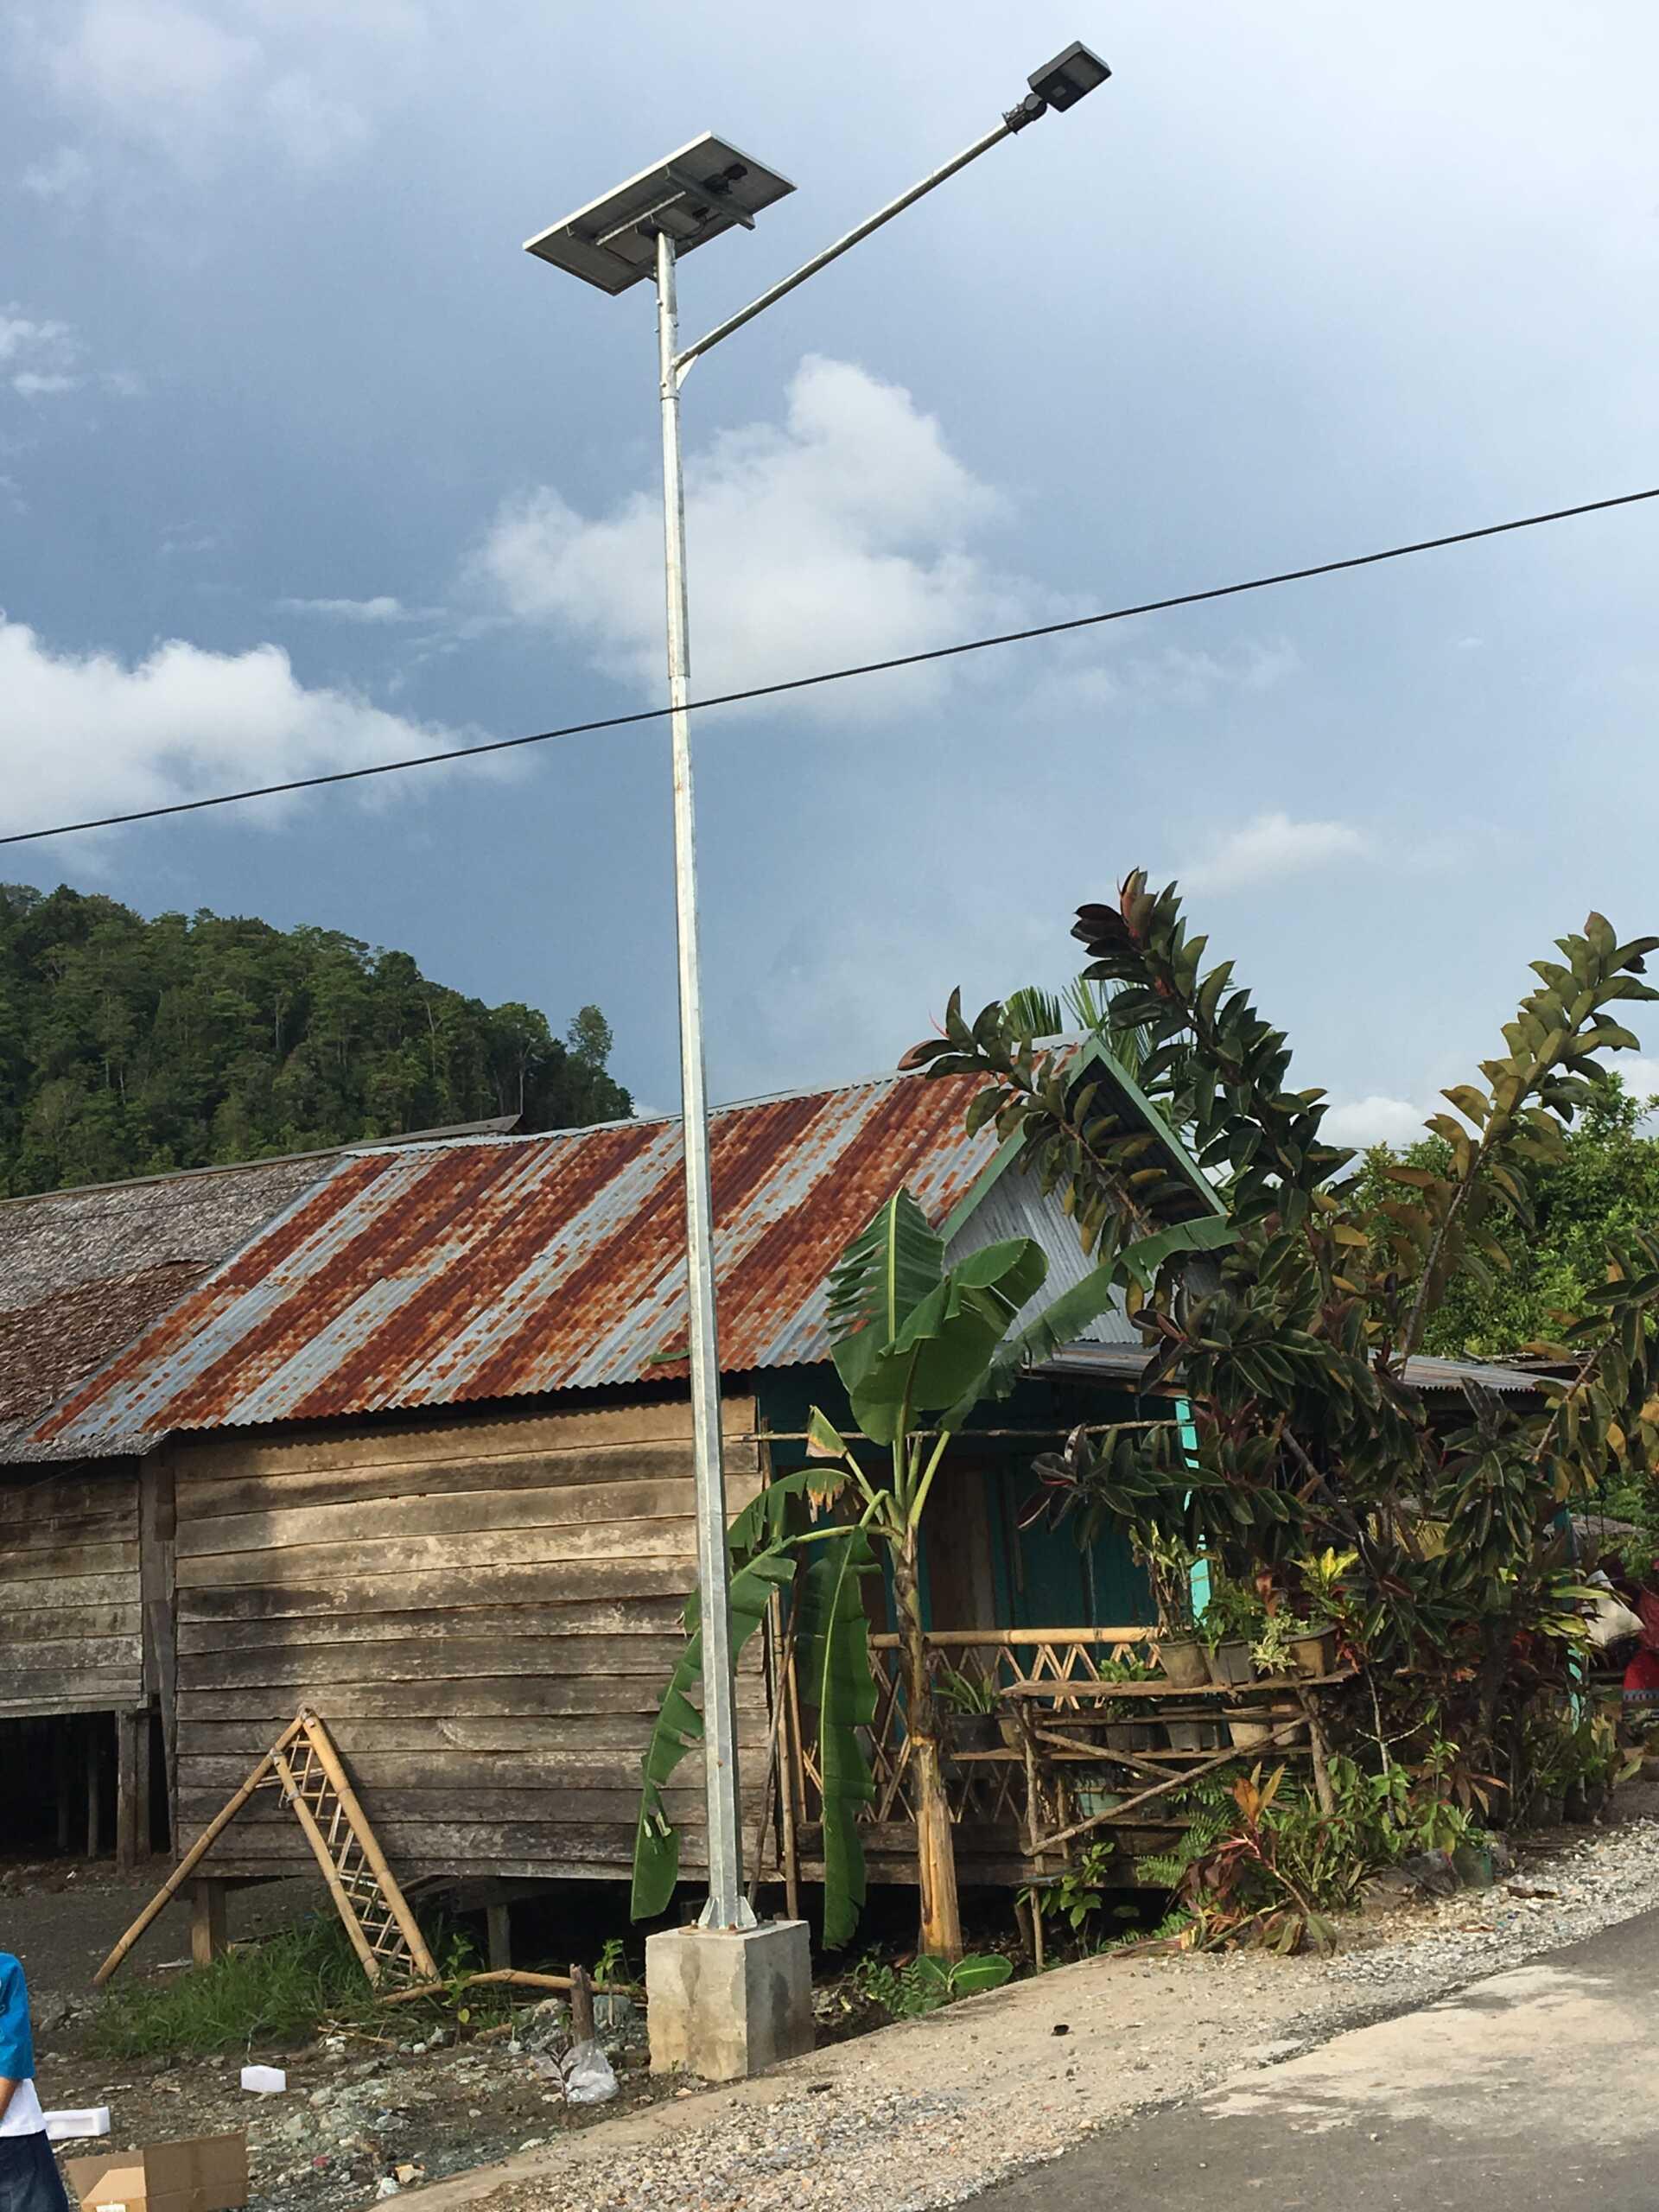 Penerangan Jalan Umum Tenaga Surya (PJUTS) di Luwu Timur